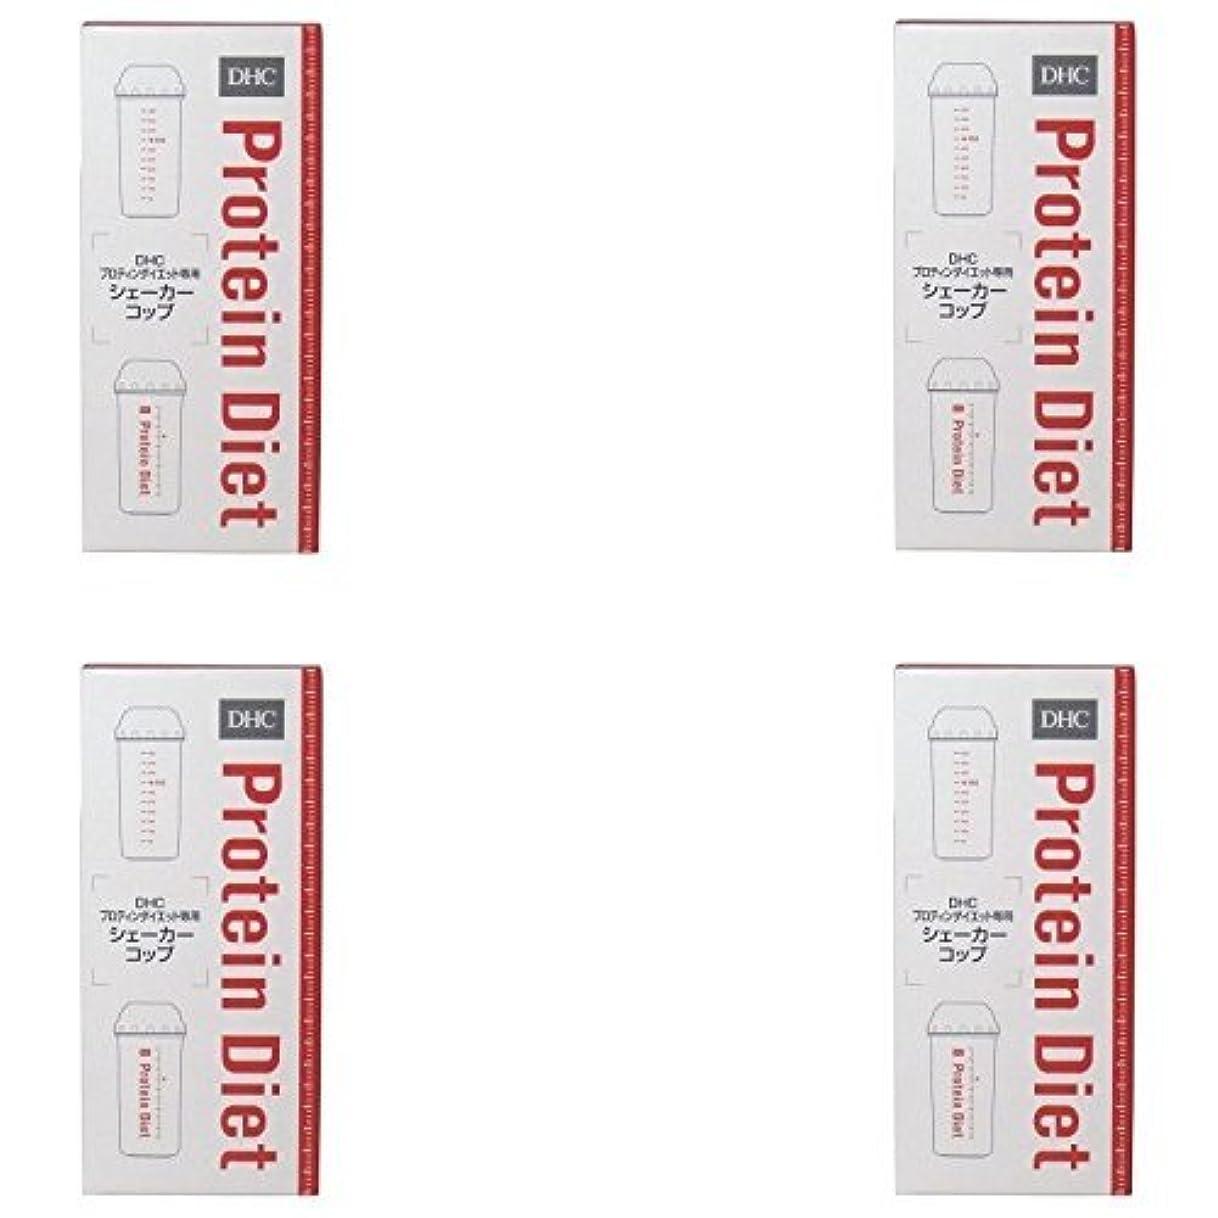 エッセイ拘束提唱する【まとめ買い】DHC プロティンダイエット専用シェーカーコップ 1個【×4セット】